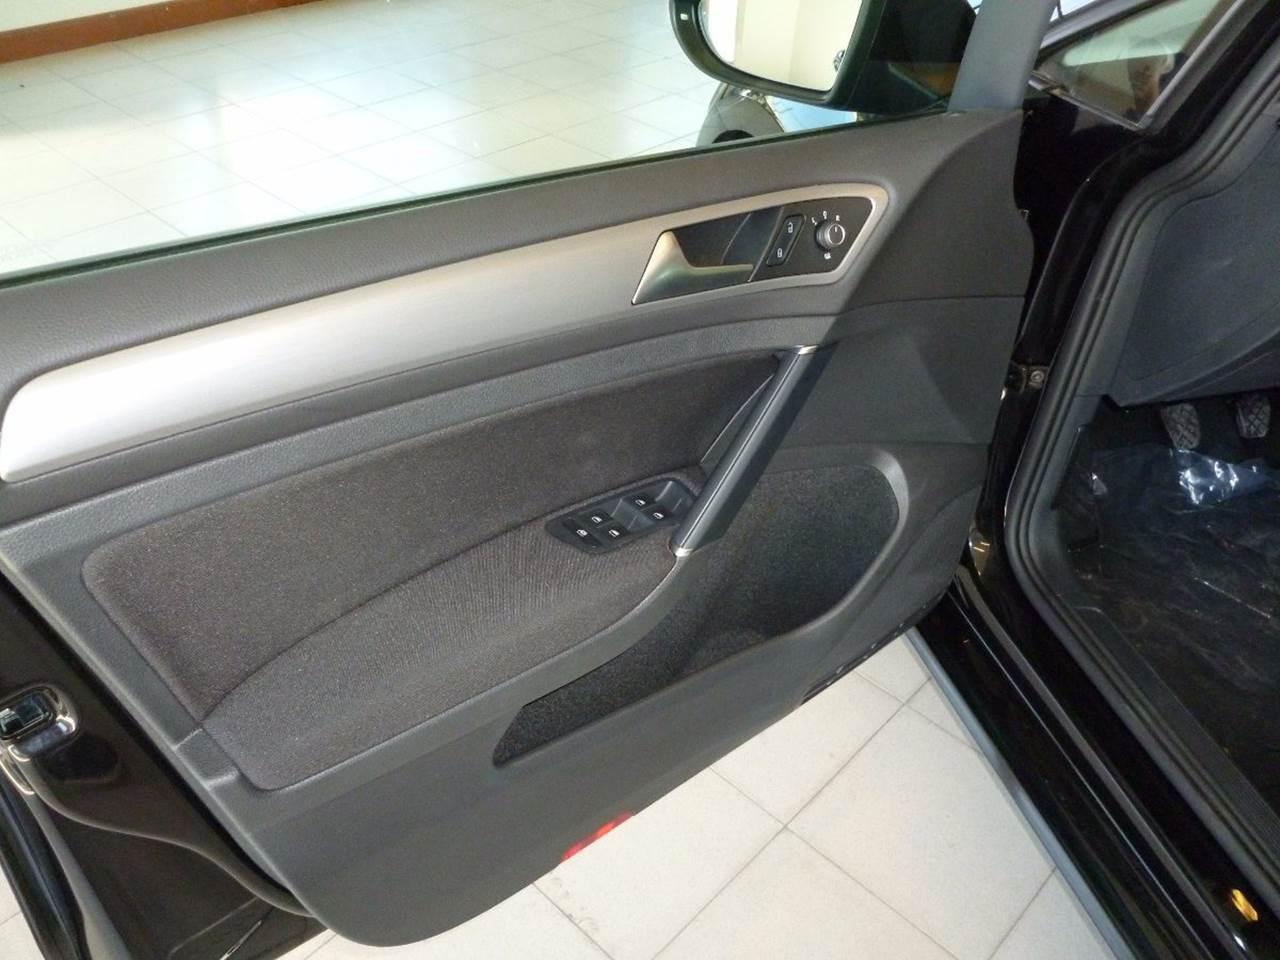 VW Golf Trendline 2016 - interior - revestimento das portas